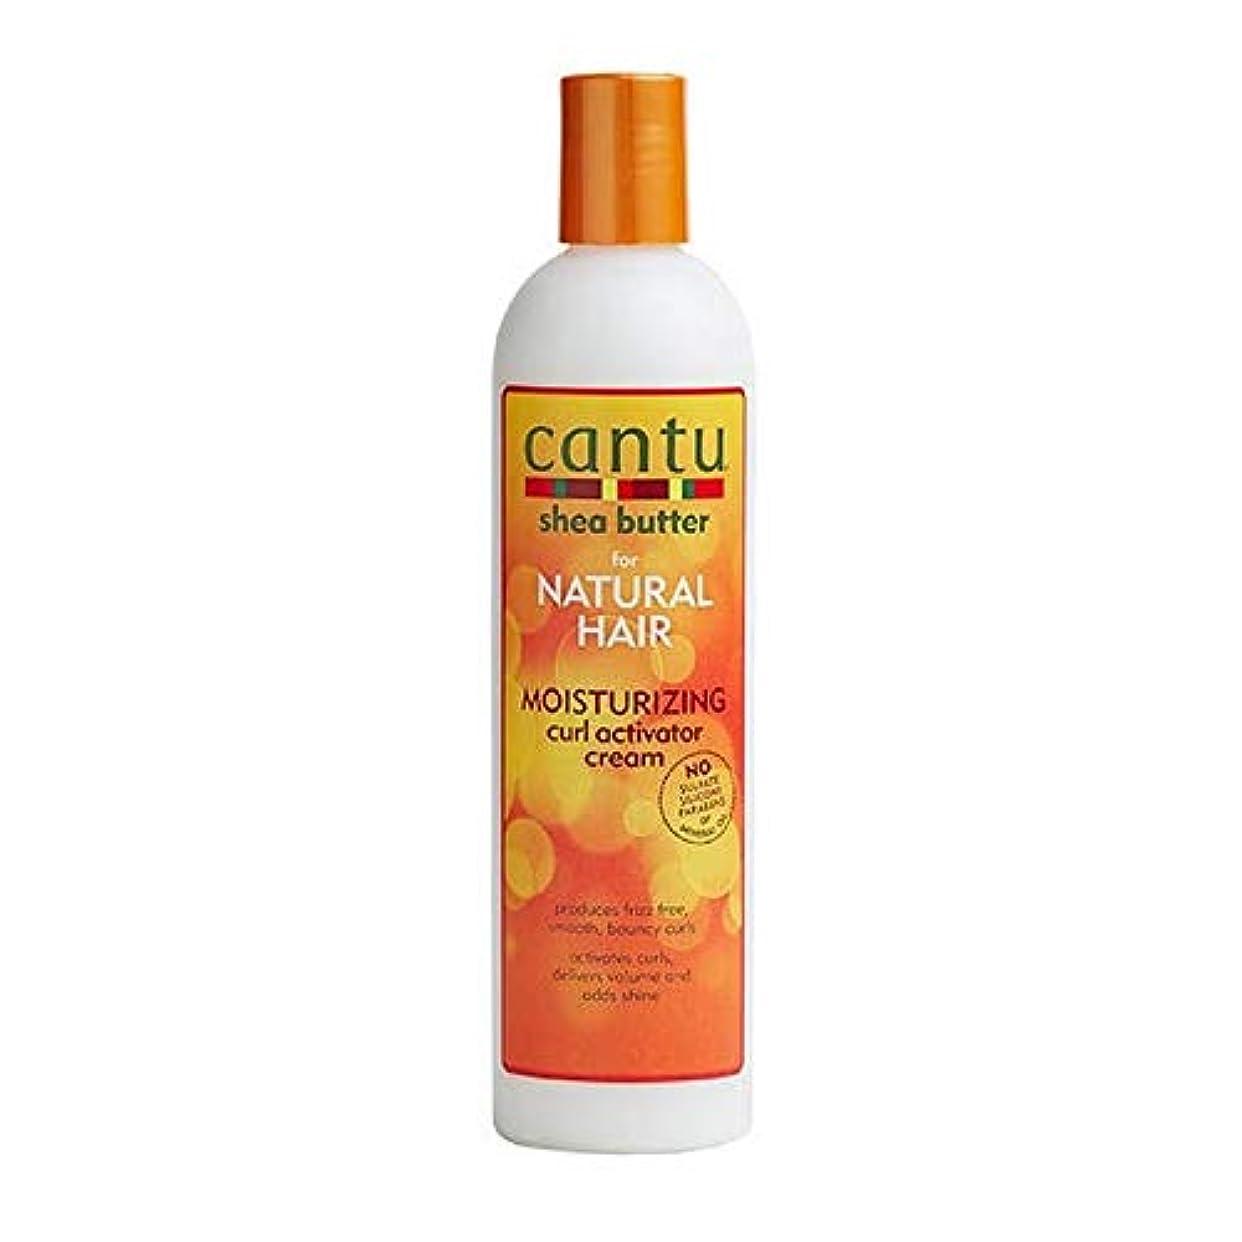 電話する煙突ジャングル[Cantu ] カールアクチベータークリーム355ミリリットル保湿カントゥ自然な髪 - Cantu Natural Hair Moisturizing Curl Activator Cream 355ml [並行輸入品]